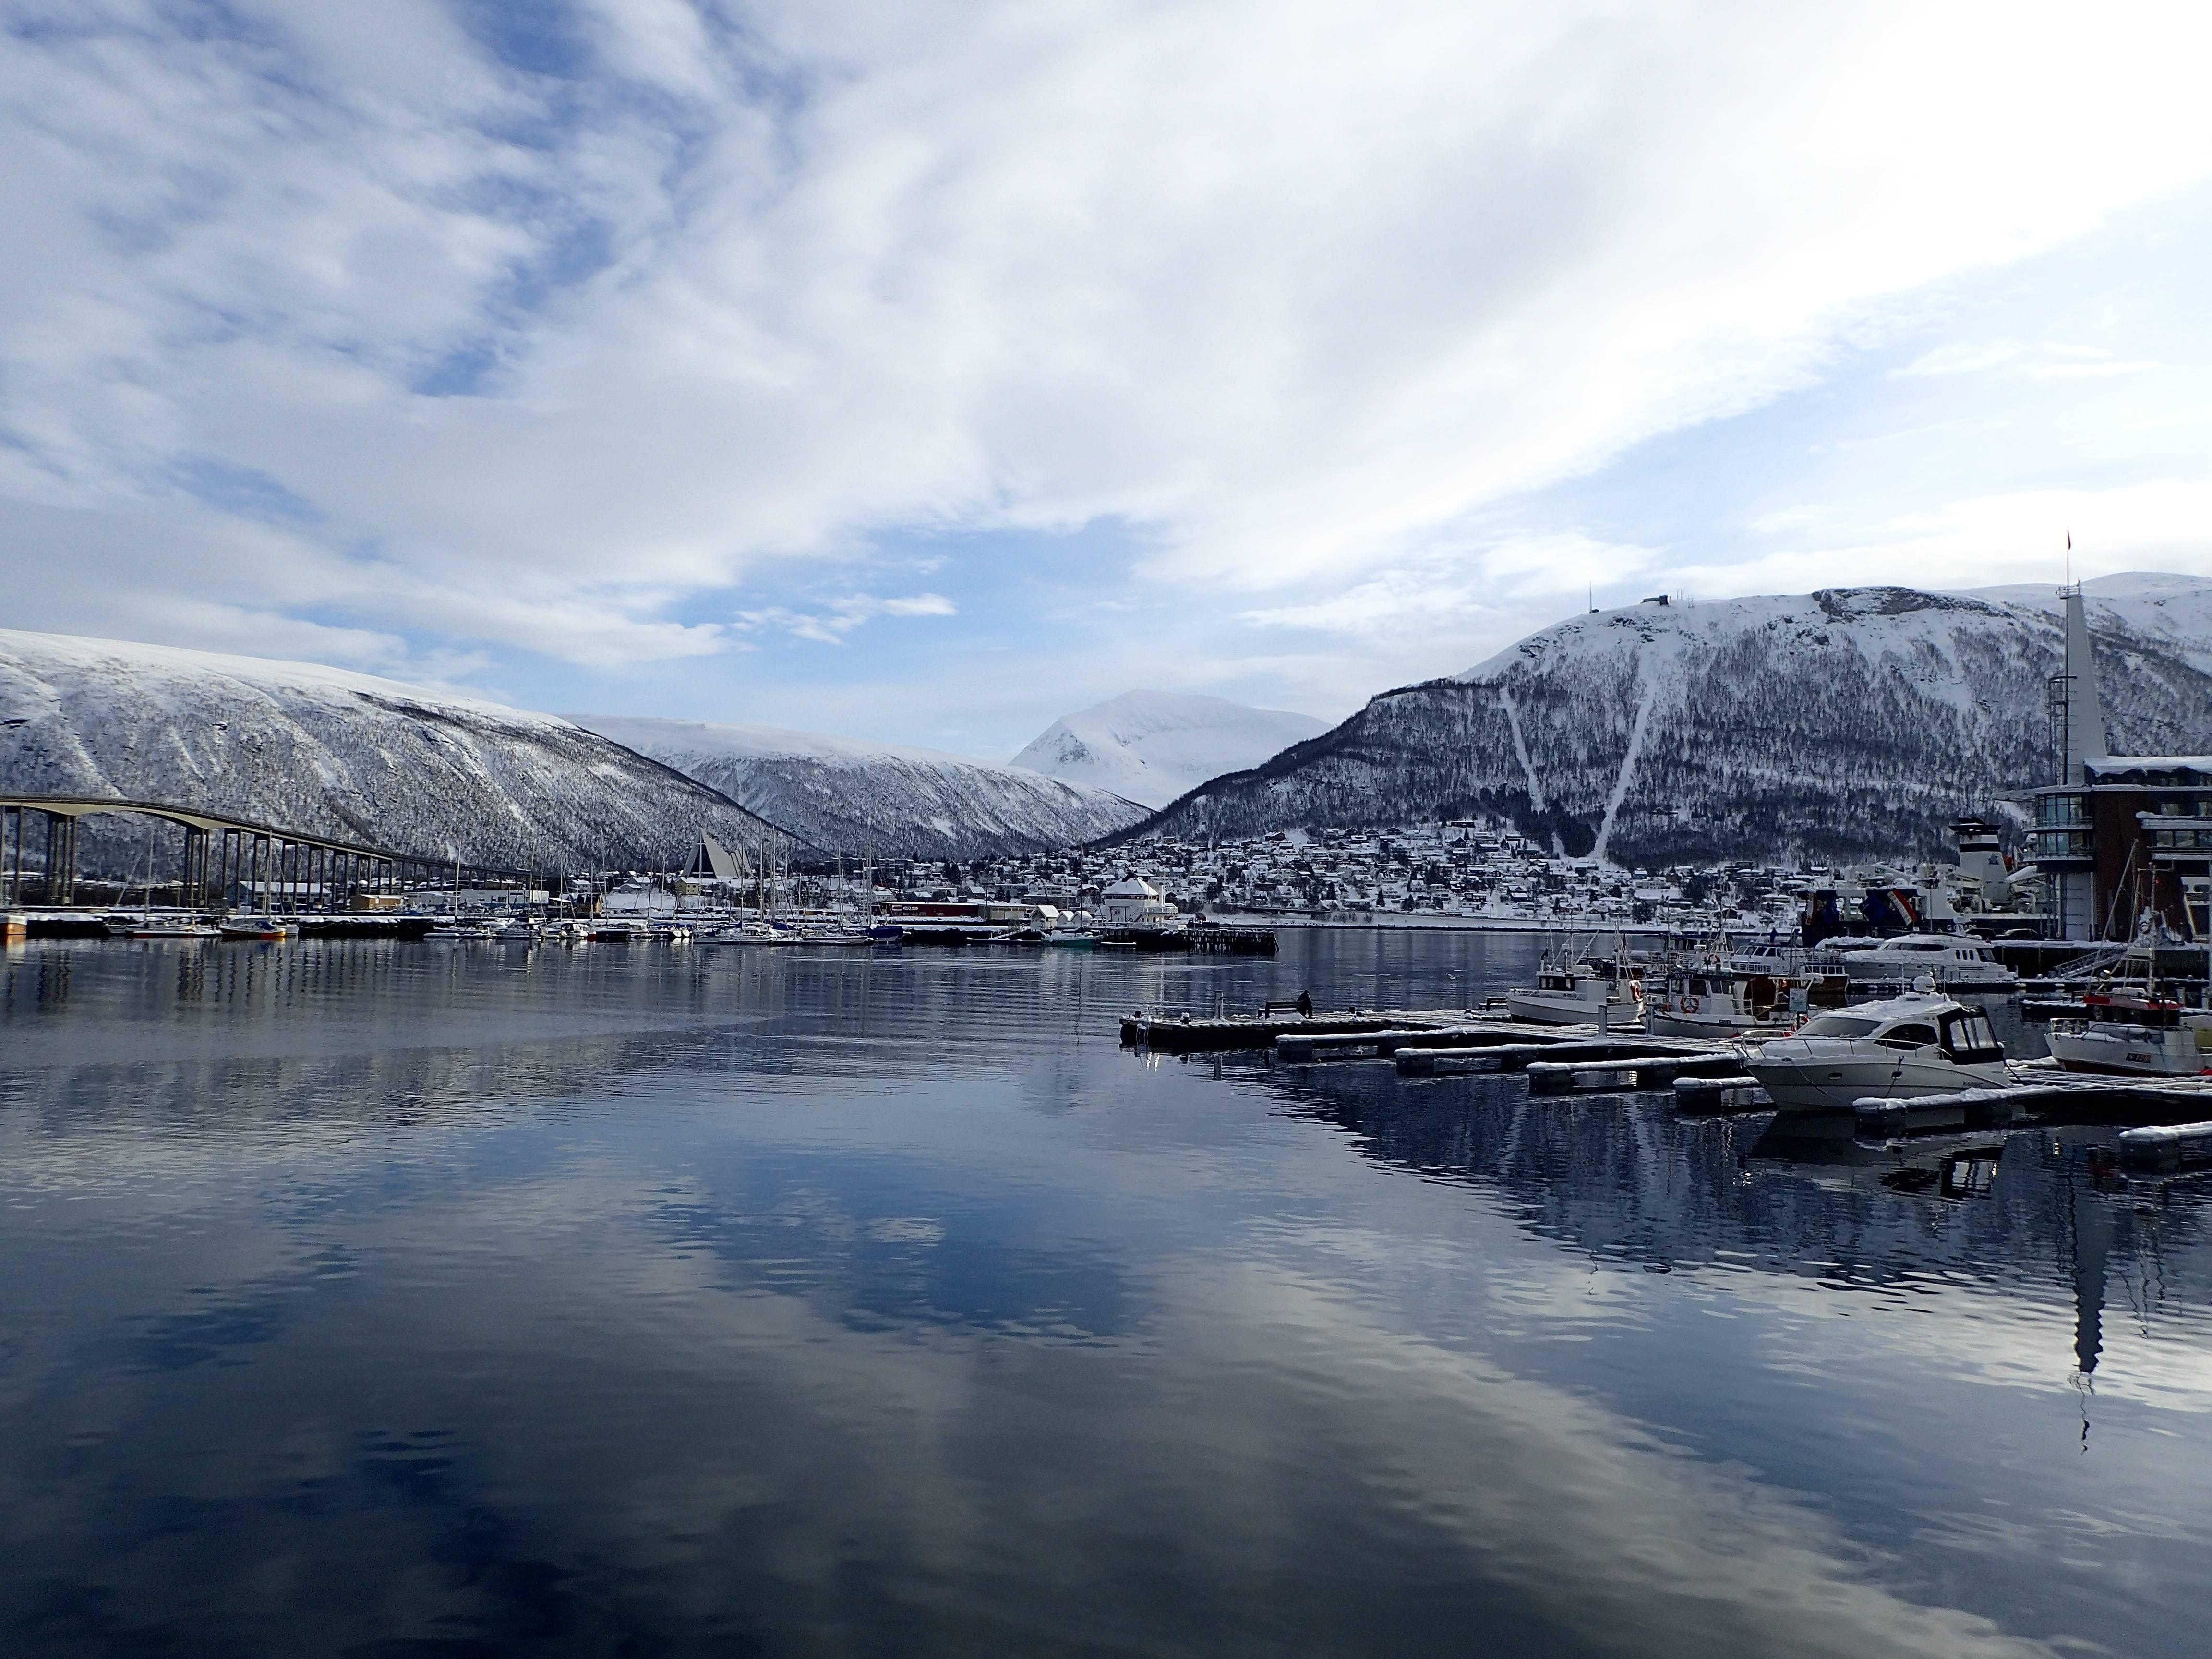 Photo 3: Tromso, ville portuaire de Laponie Norvegienne, avec un funiculaire pour voir son île